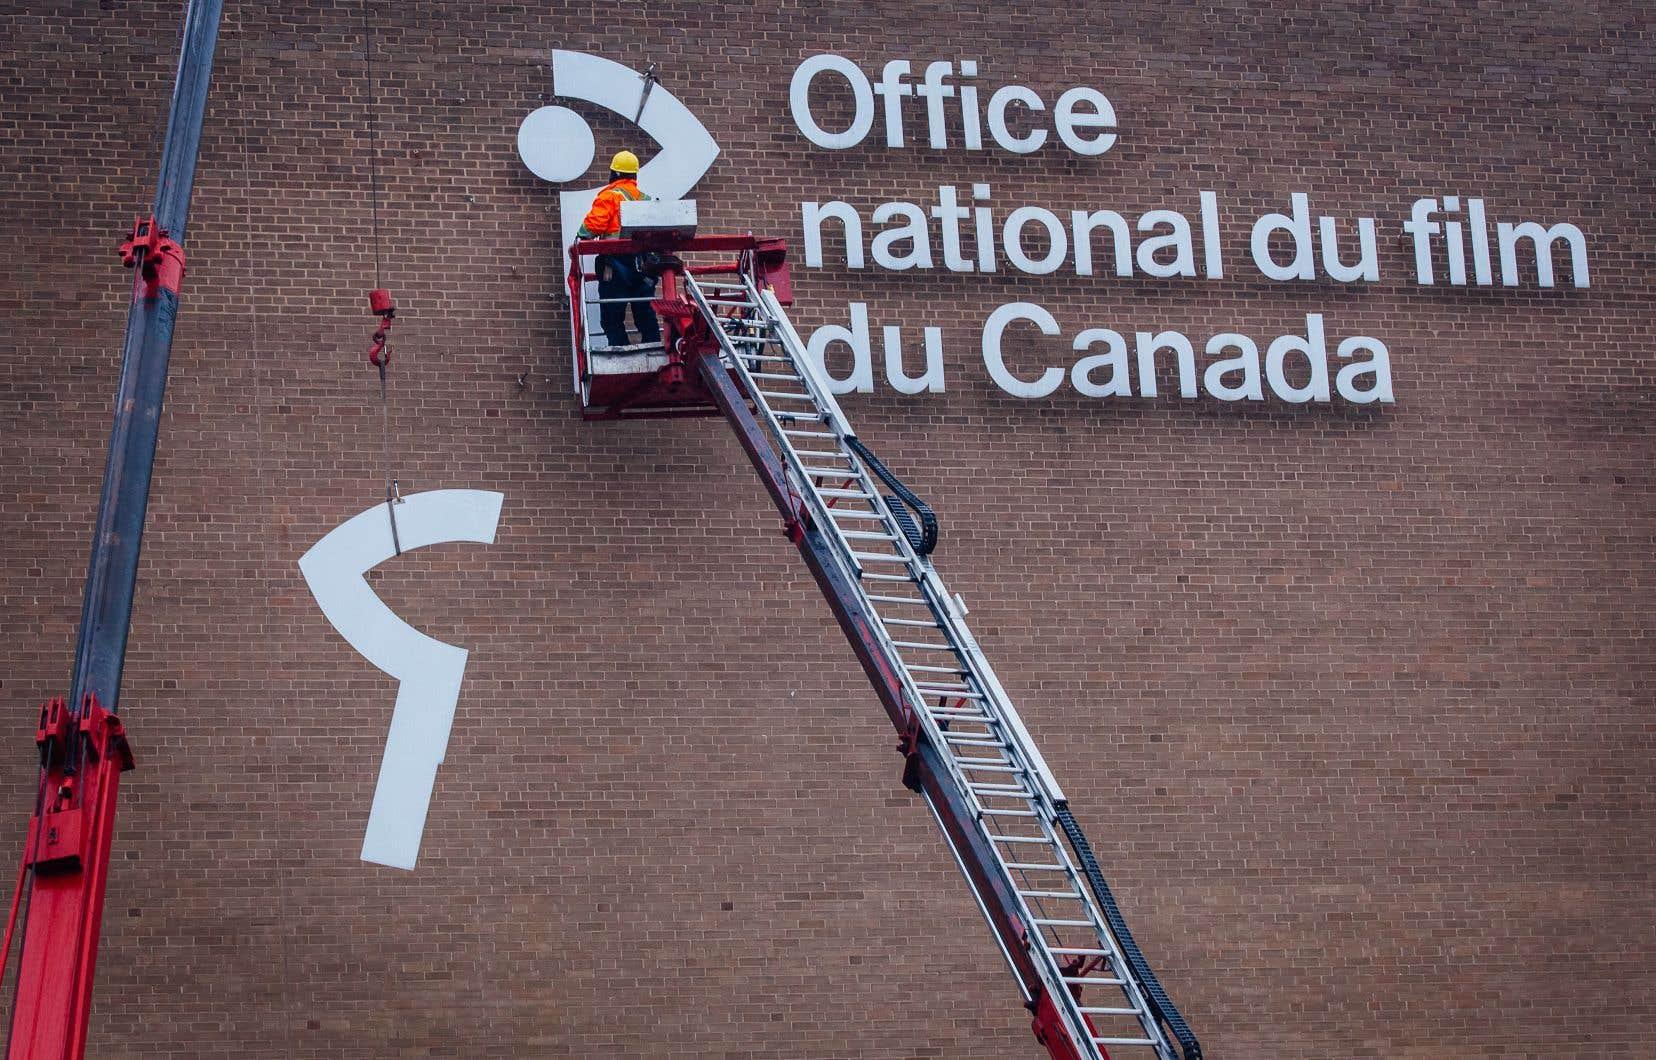 L'ONF déménagera bientôt son siège social dans le Quartier des spectacles. Le logo de l'institution a récemment été décroché des bâtiments actuels du chemin de la Côte-de-Liesse.